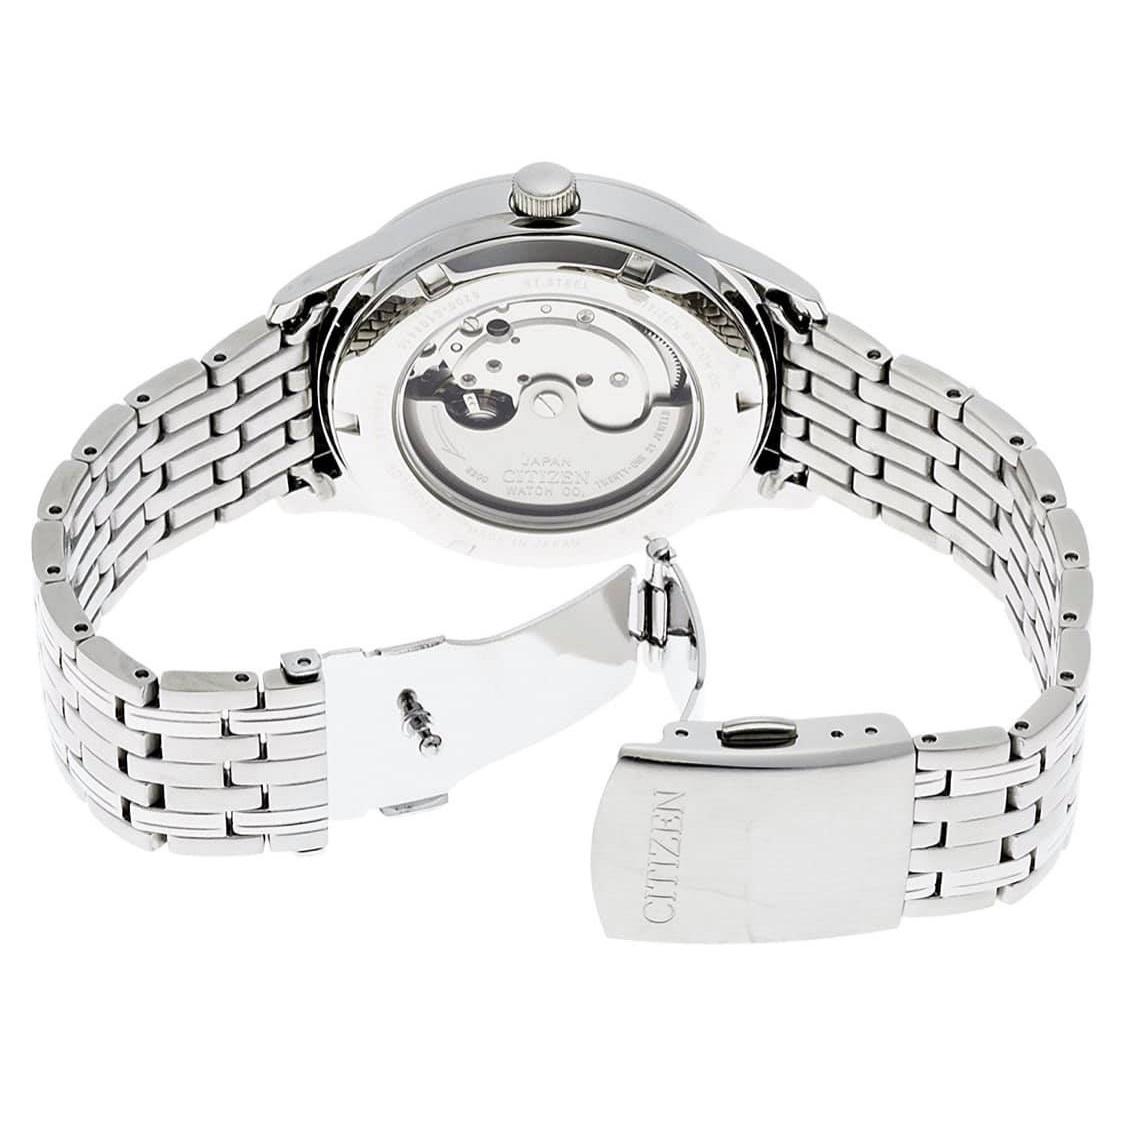 ساعت مچی عقربهای مردانه سیتی زن مدل NY4050-54A